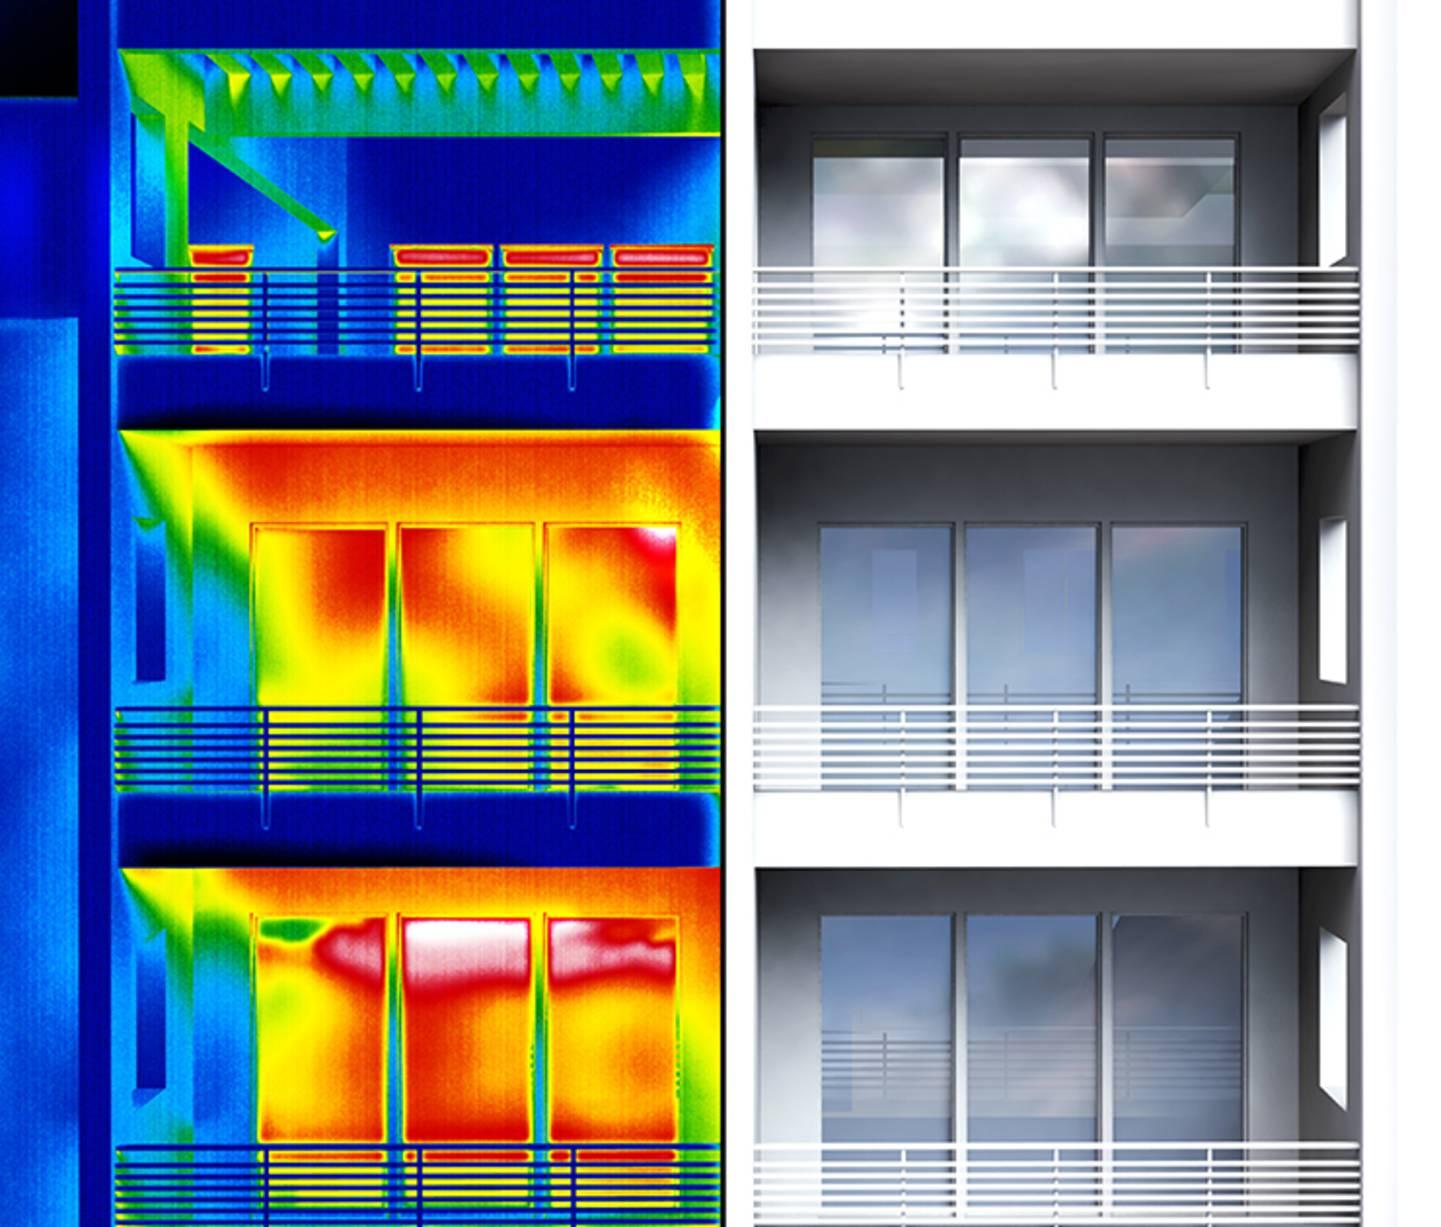 Détecter les ponts thermiques à l'aide de caméras thermiques et de thermomètres infrarouges